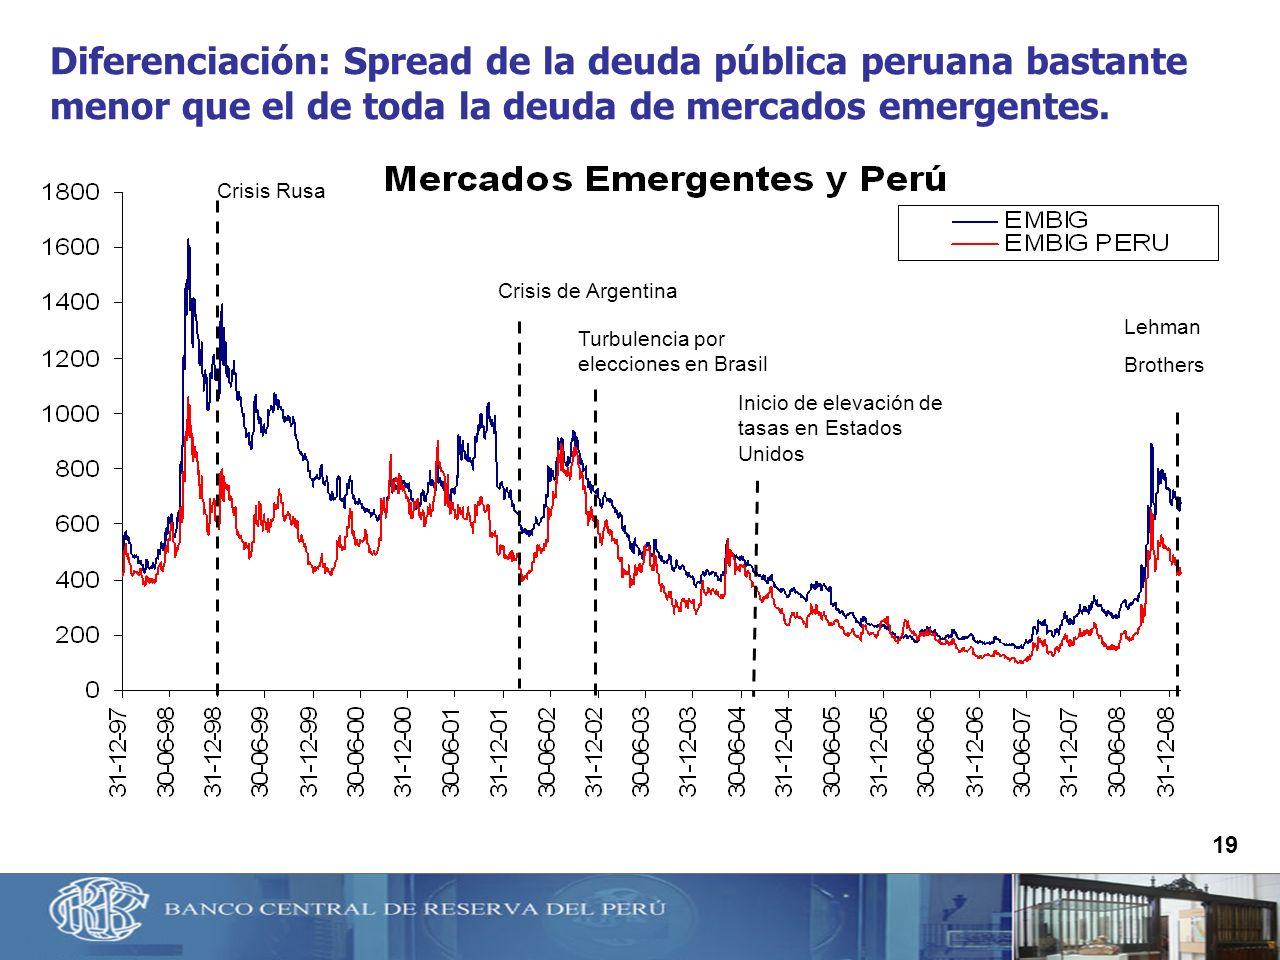 Diferenciación: Spread de la deuda pública peruana bastante menor que el de toda la deuda de mercados emergentes.